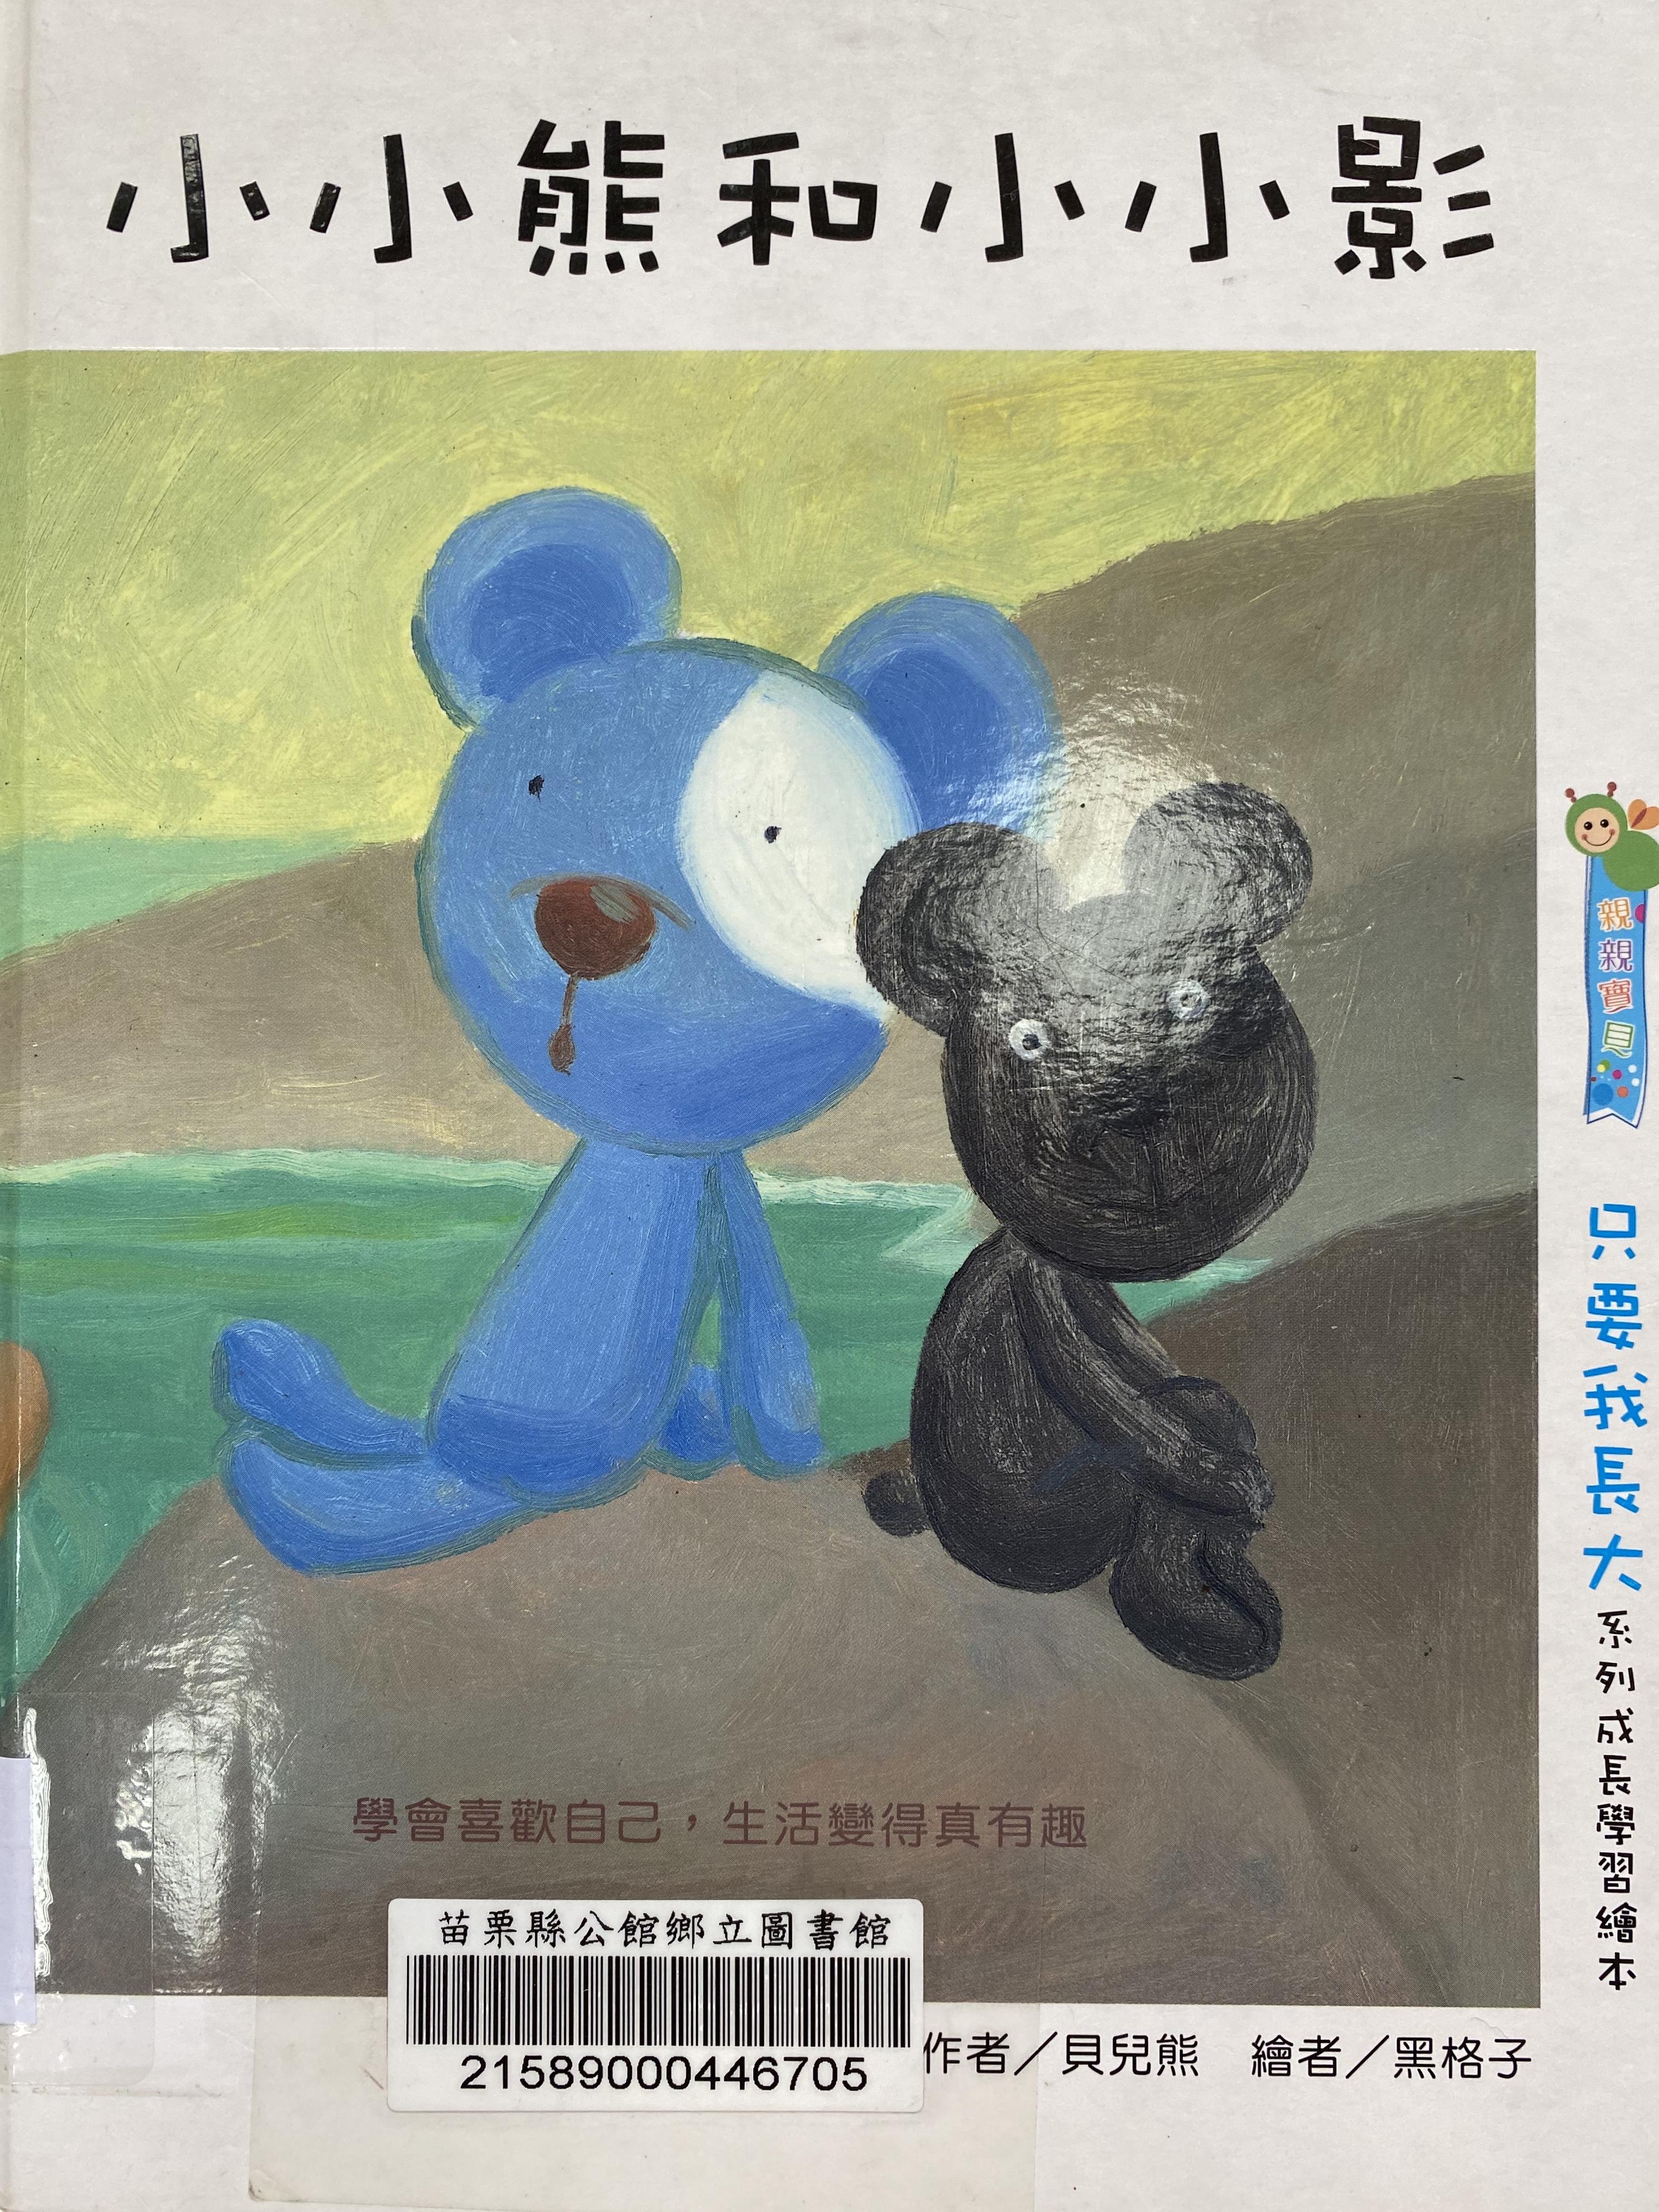 S2-066/ 小小熊和小小影/ 貝兒熊/ 子曰文化